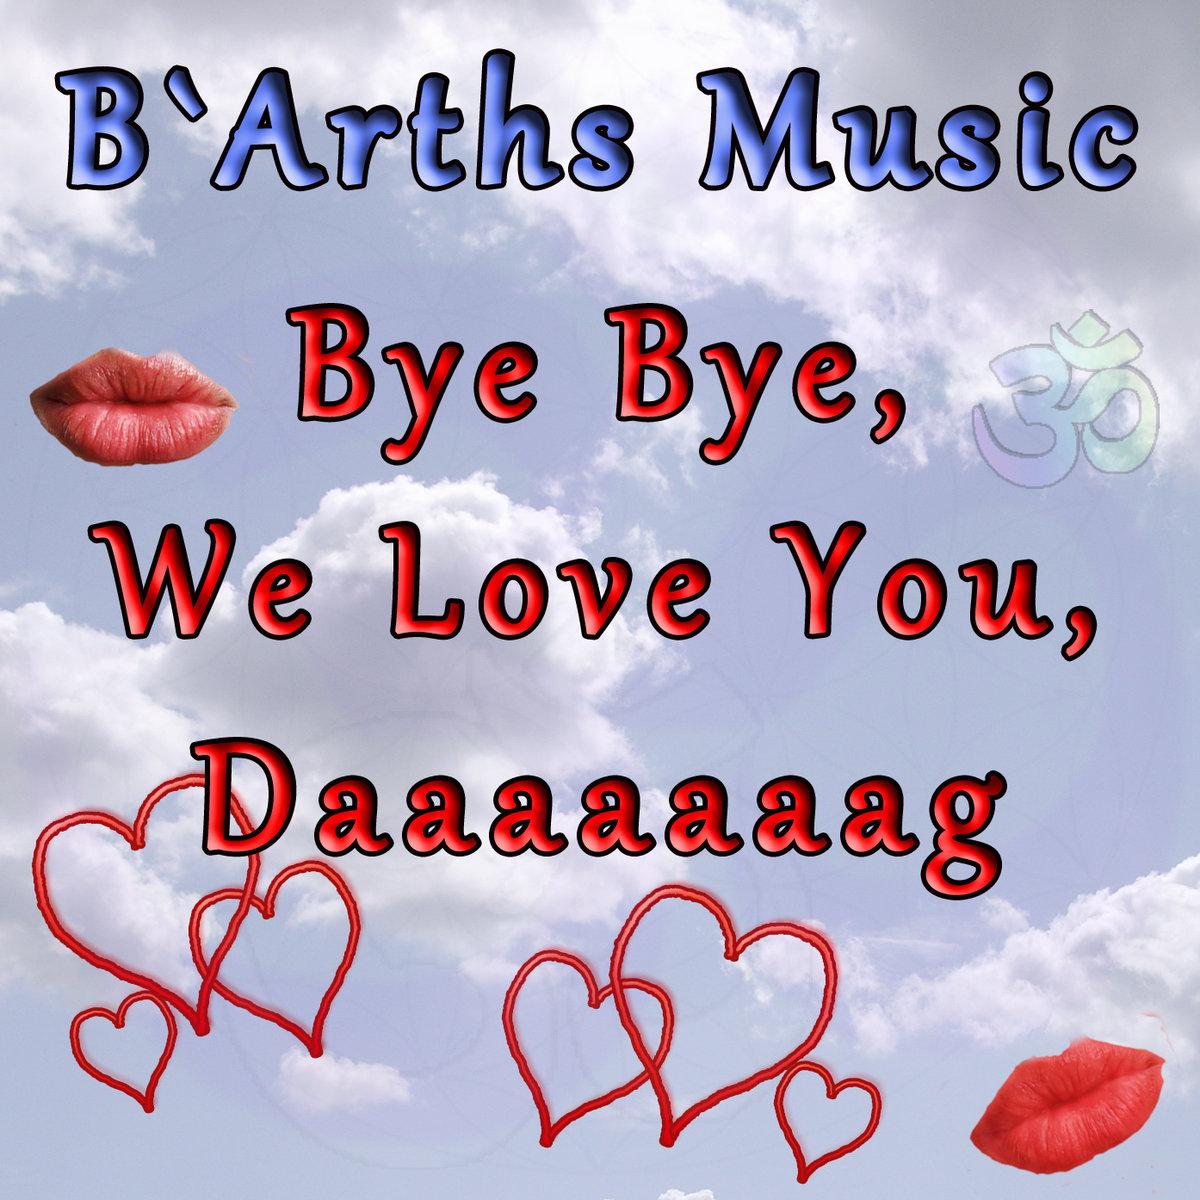 By B Arths Music